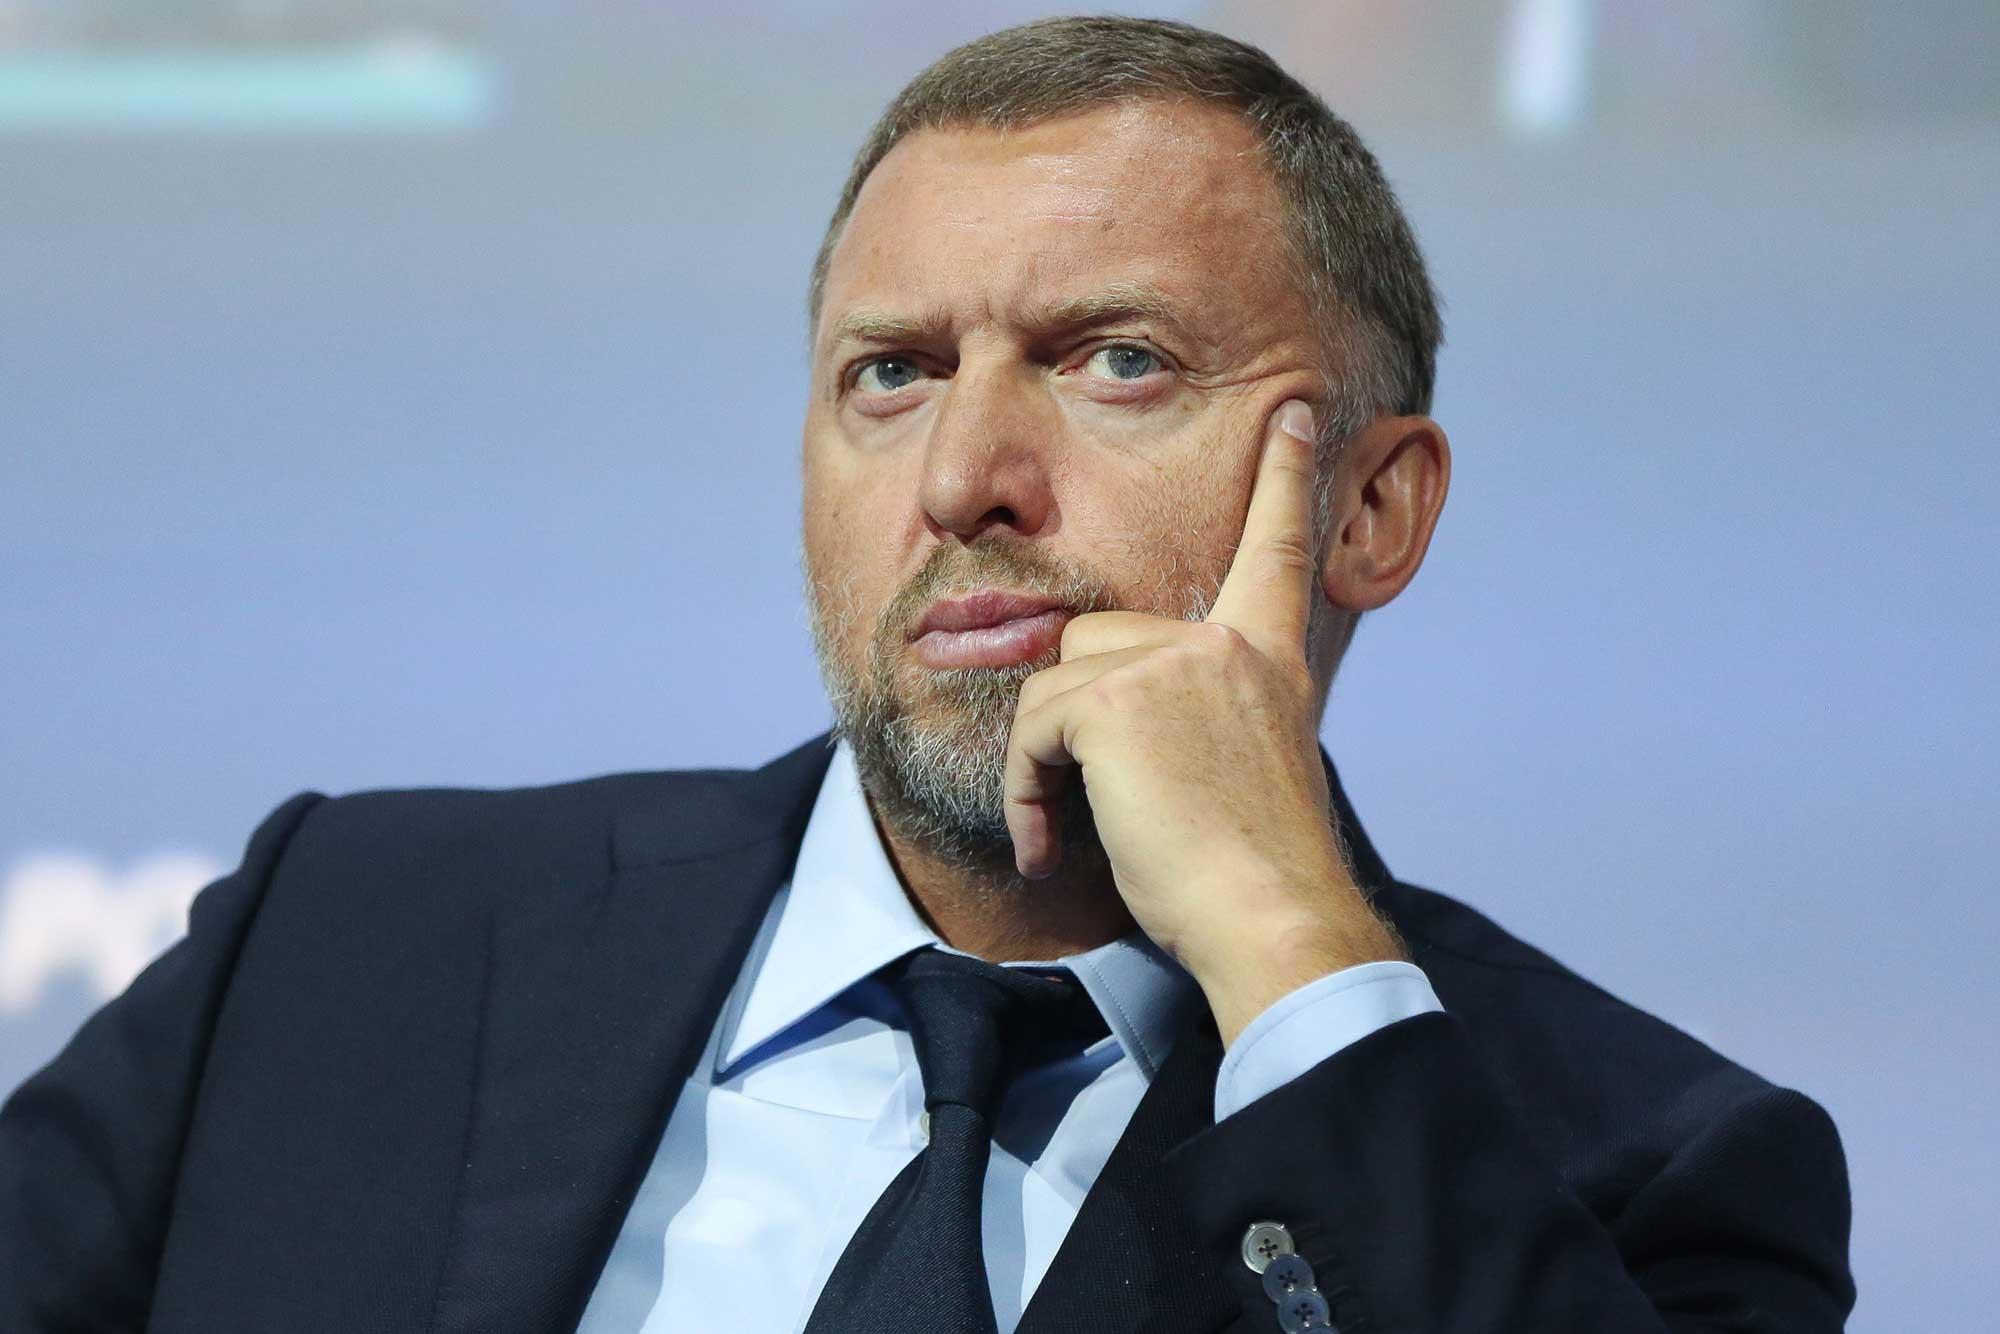 Oleg Deripaska: VTB says it has stopped lending to ...